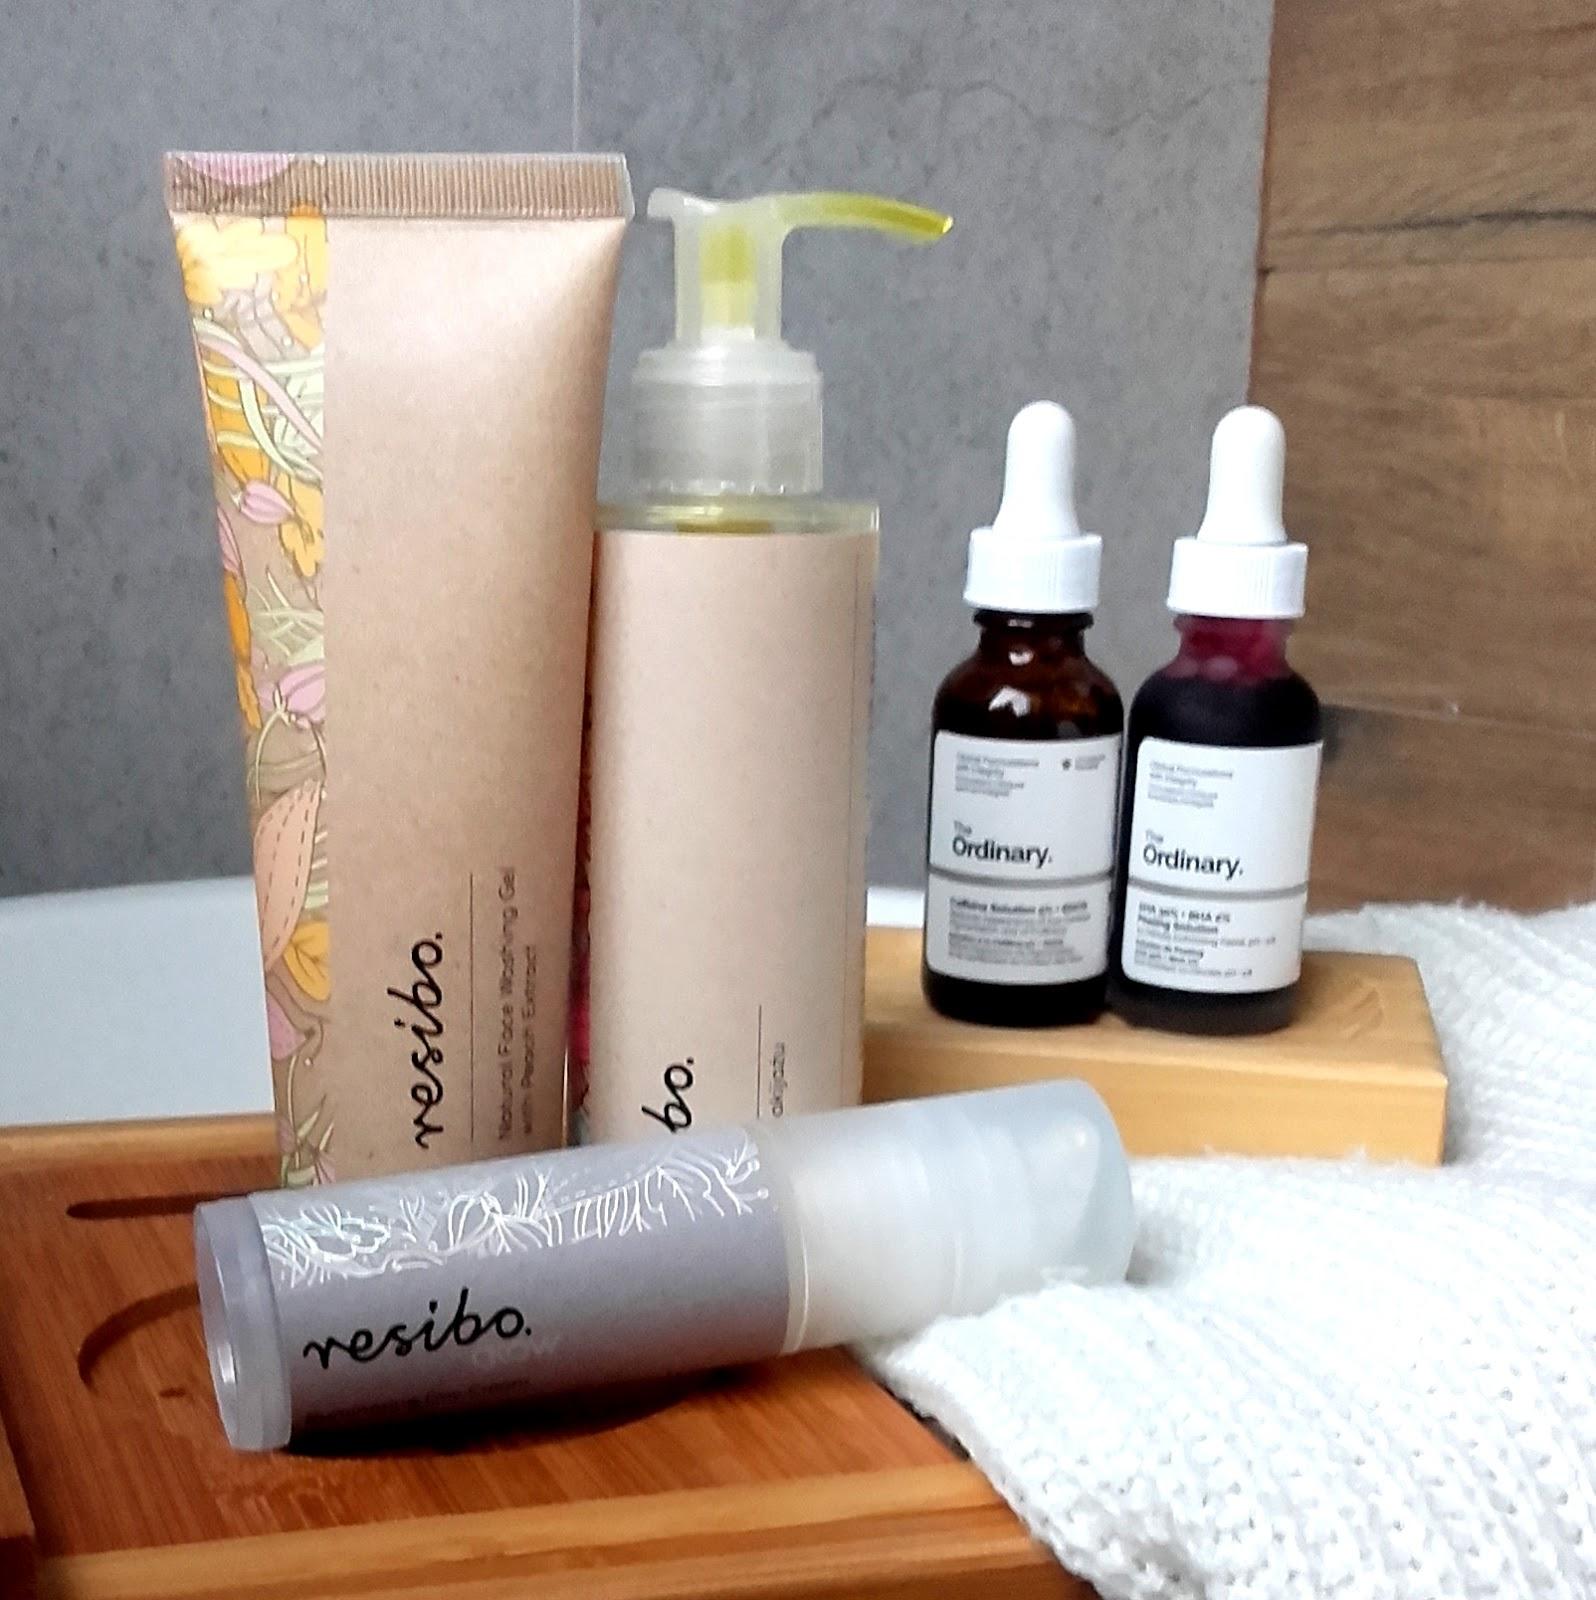 Nowości w mojej kosmetyczce THE ORDINARY, RESIBO - zakupy na Douglas.pl